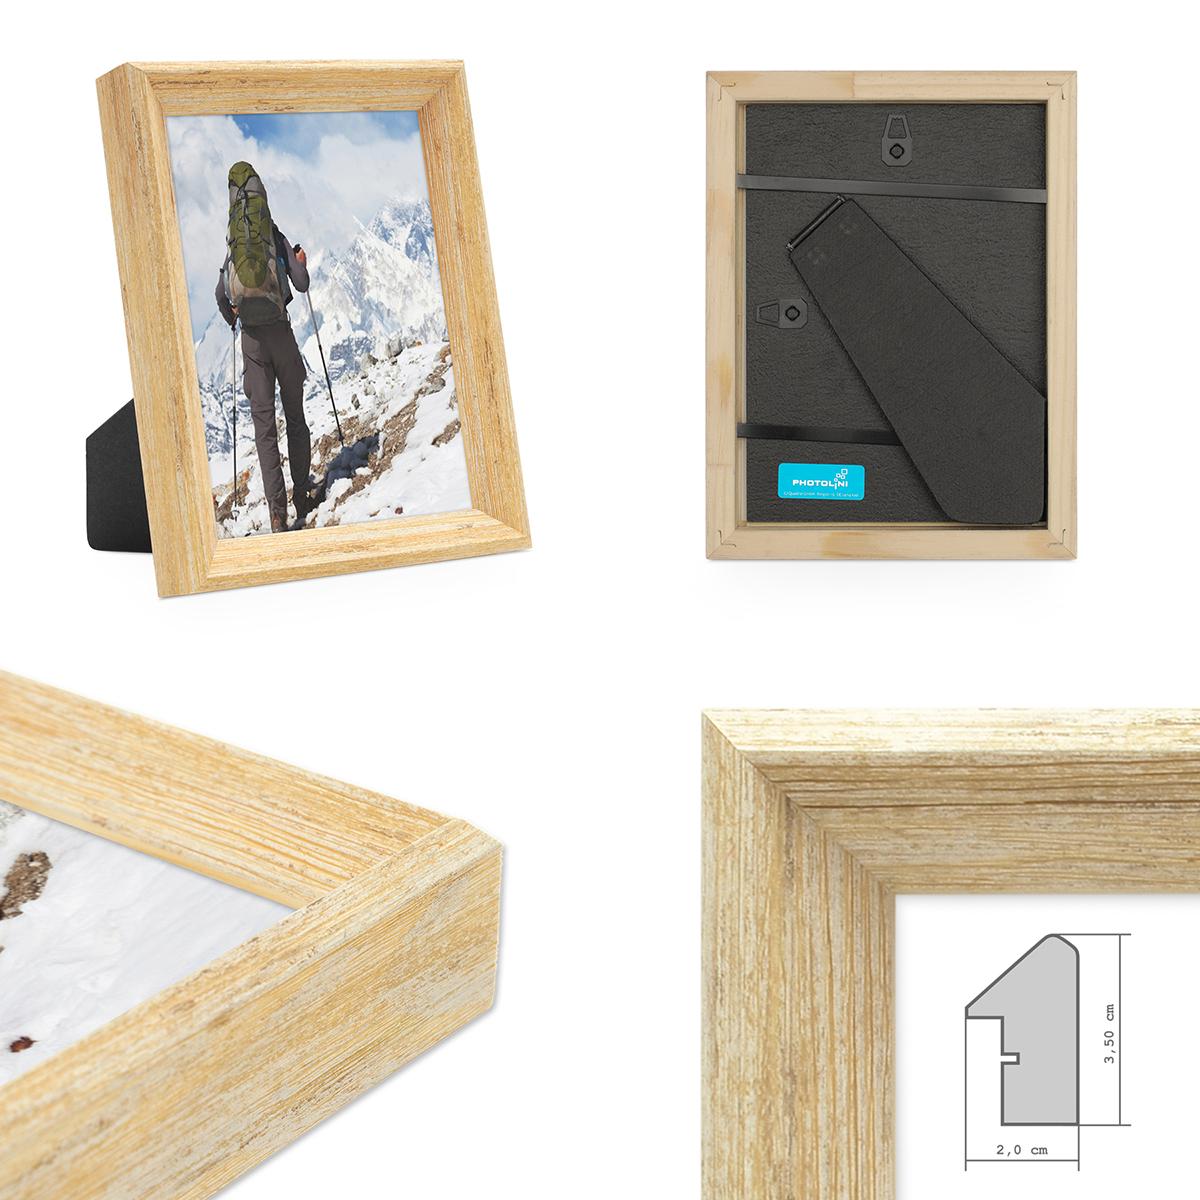 2er set vintage bilderrahmen shabby chic eiche 10x15 cm massivholz mit glasscheibe und zubeh r. Black Bedroom Furniture Sets. Home Design Ideas